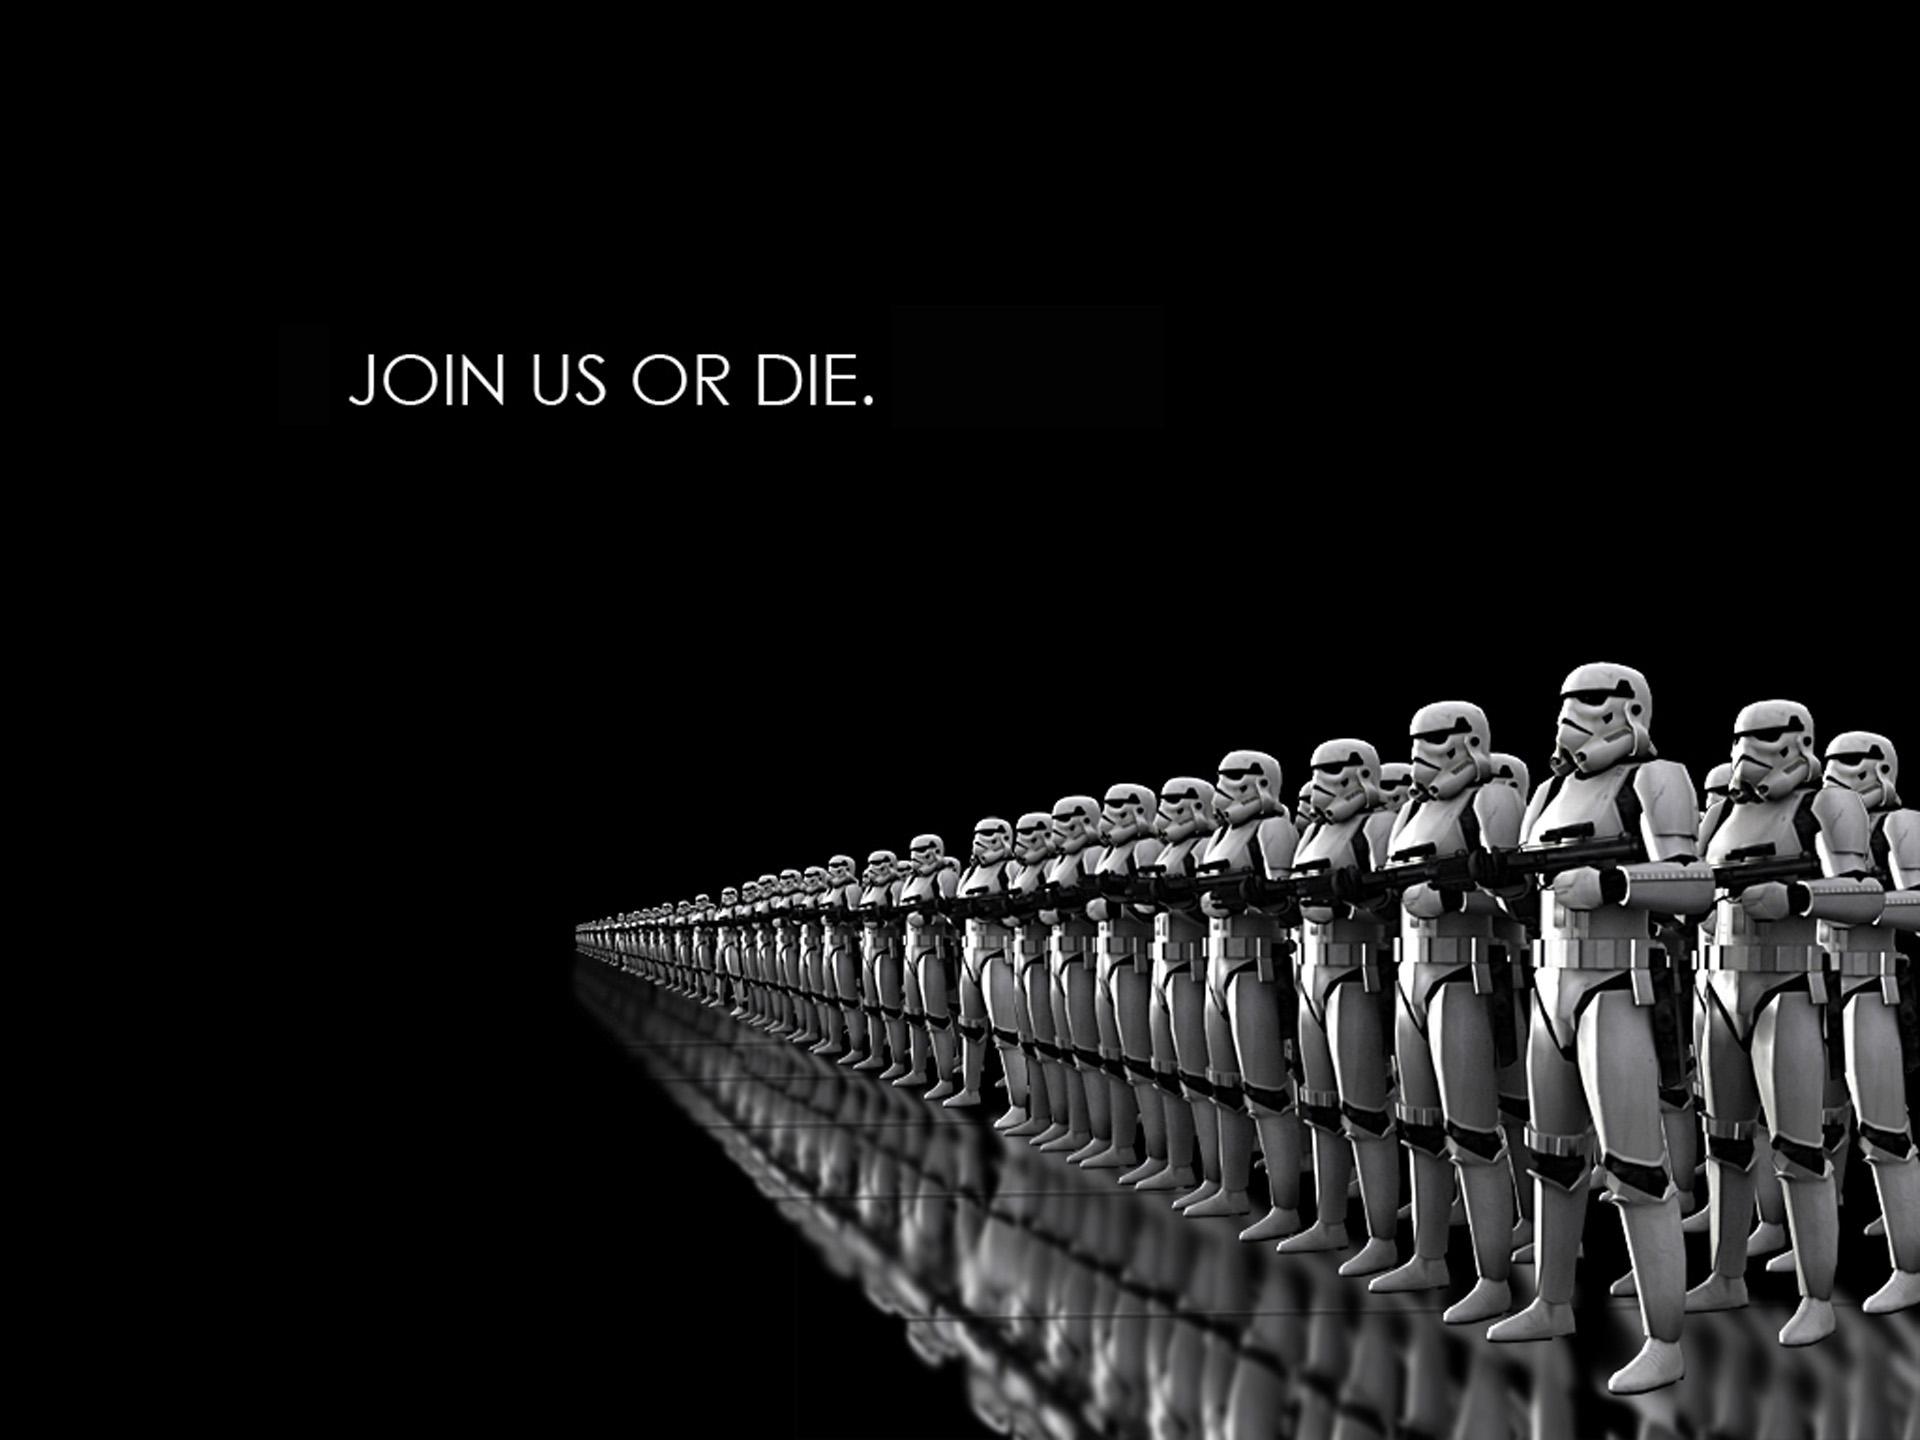 Star Wars Die Dark Side Clone Trooper Wallpaper 1920x1440